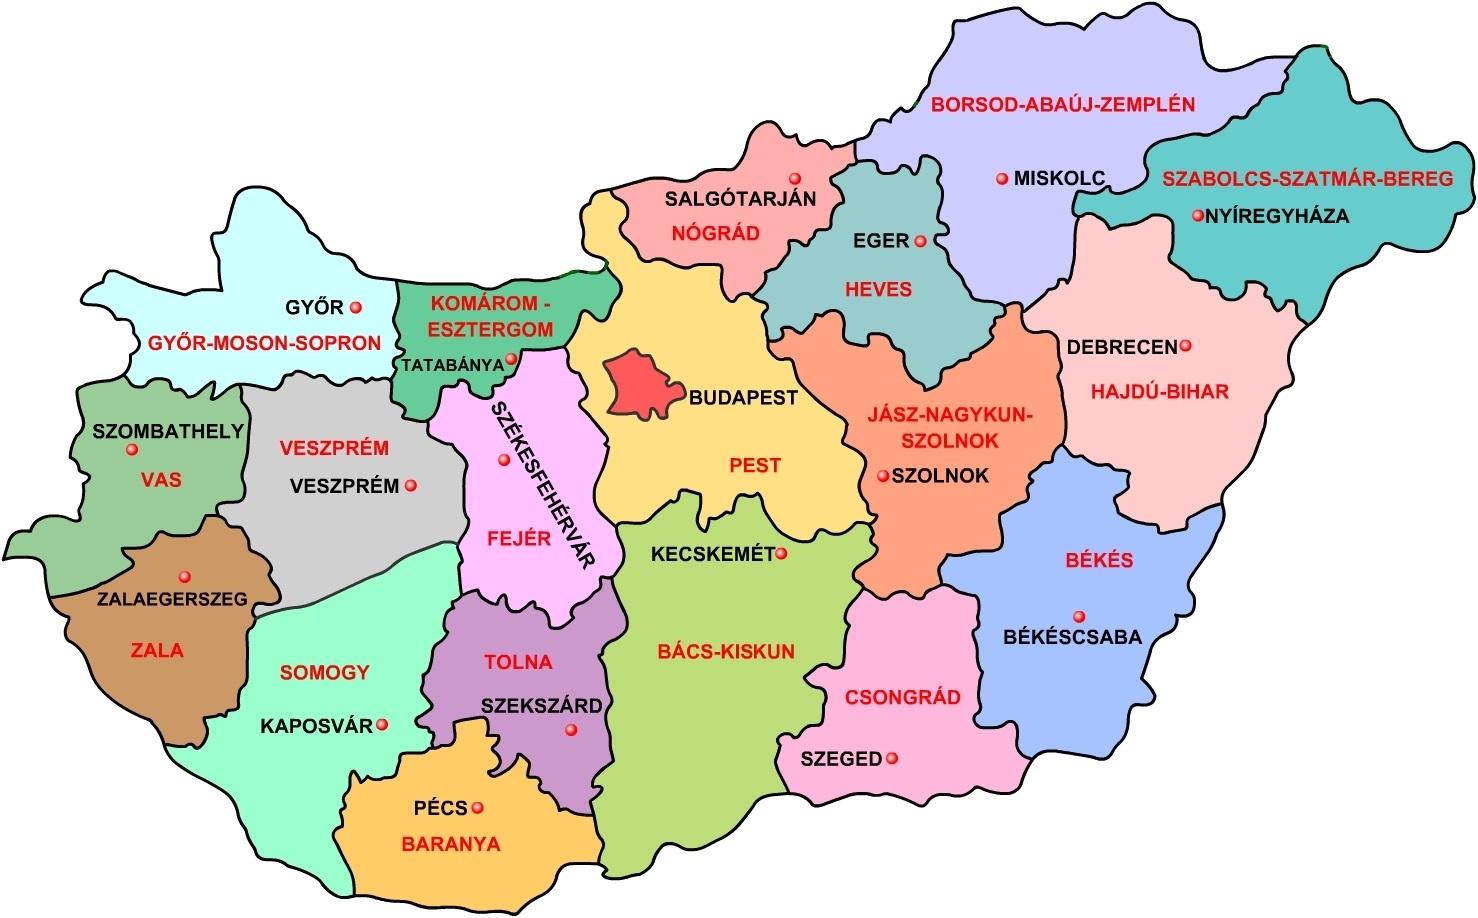 magyarország térkép megyékkel városokkal Ember a természetben   5. osztály | SuliTudásbázis magyarország térkép megyékkel városokkal